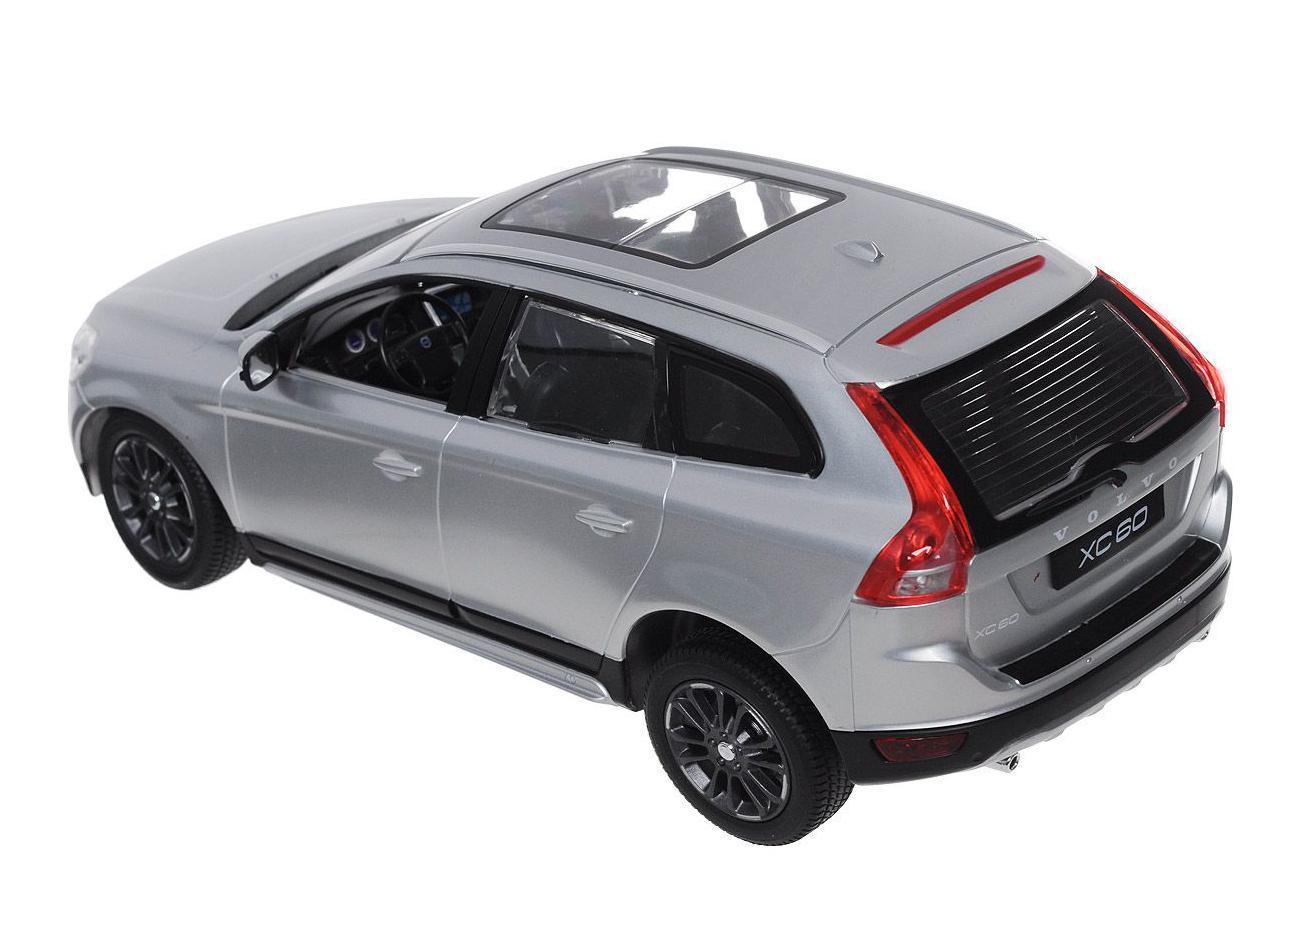 Радиоуправляемая модель автомобиля Rastar Volvo XC60 в точности повторяет настоящий автомобиль в масштабе 1:14. Легко управляется: назад-вперед, влево-вправо, включающиеся передние и задние фары, дальность управления 15-30 метров, развиваемая скорость 7-12 км/час.